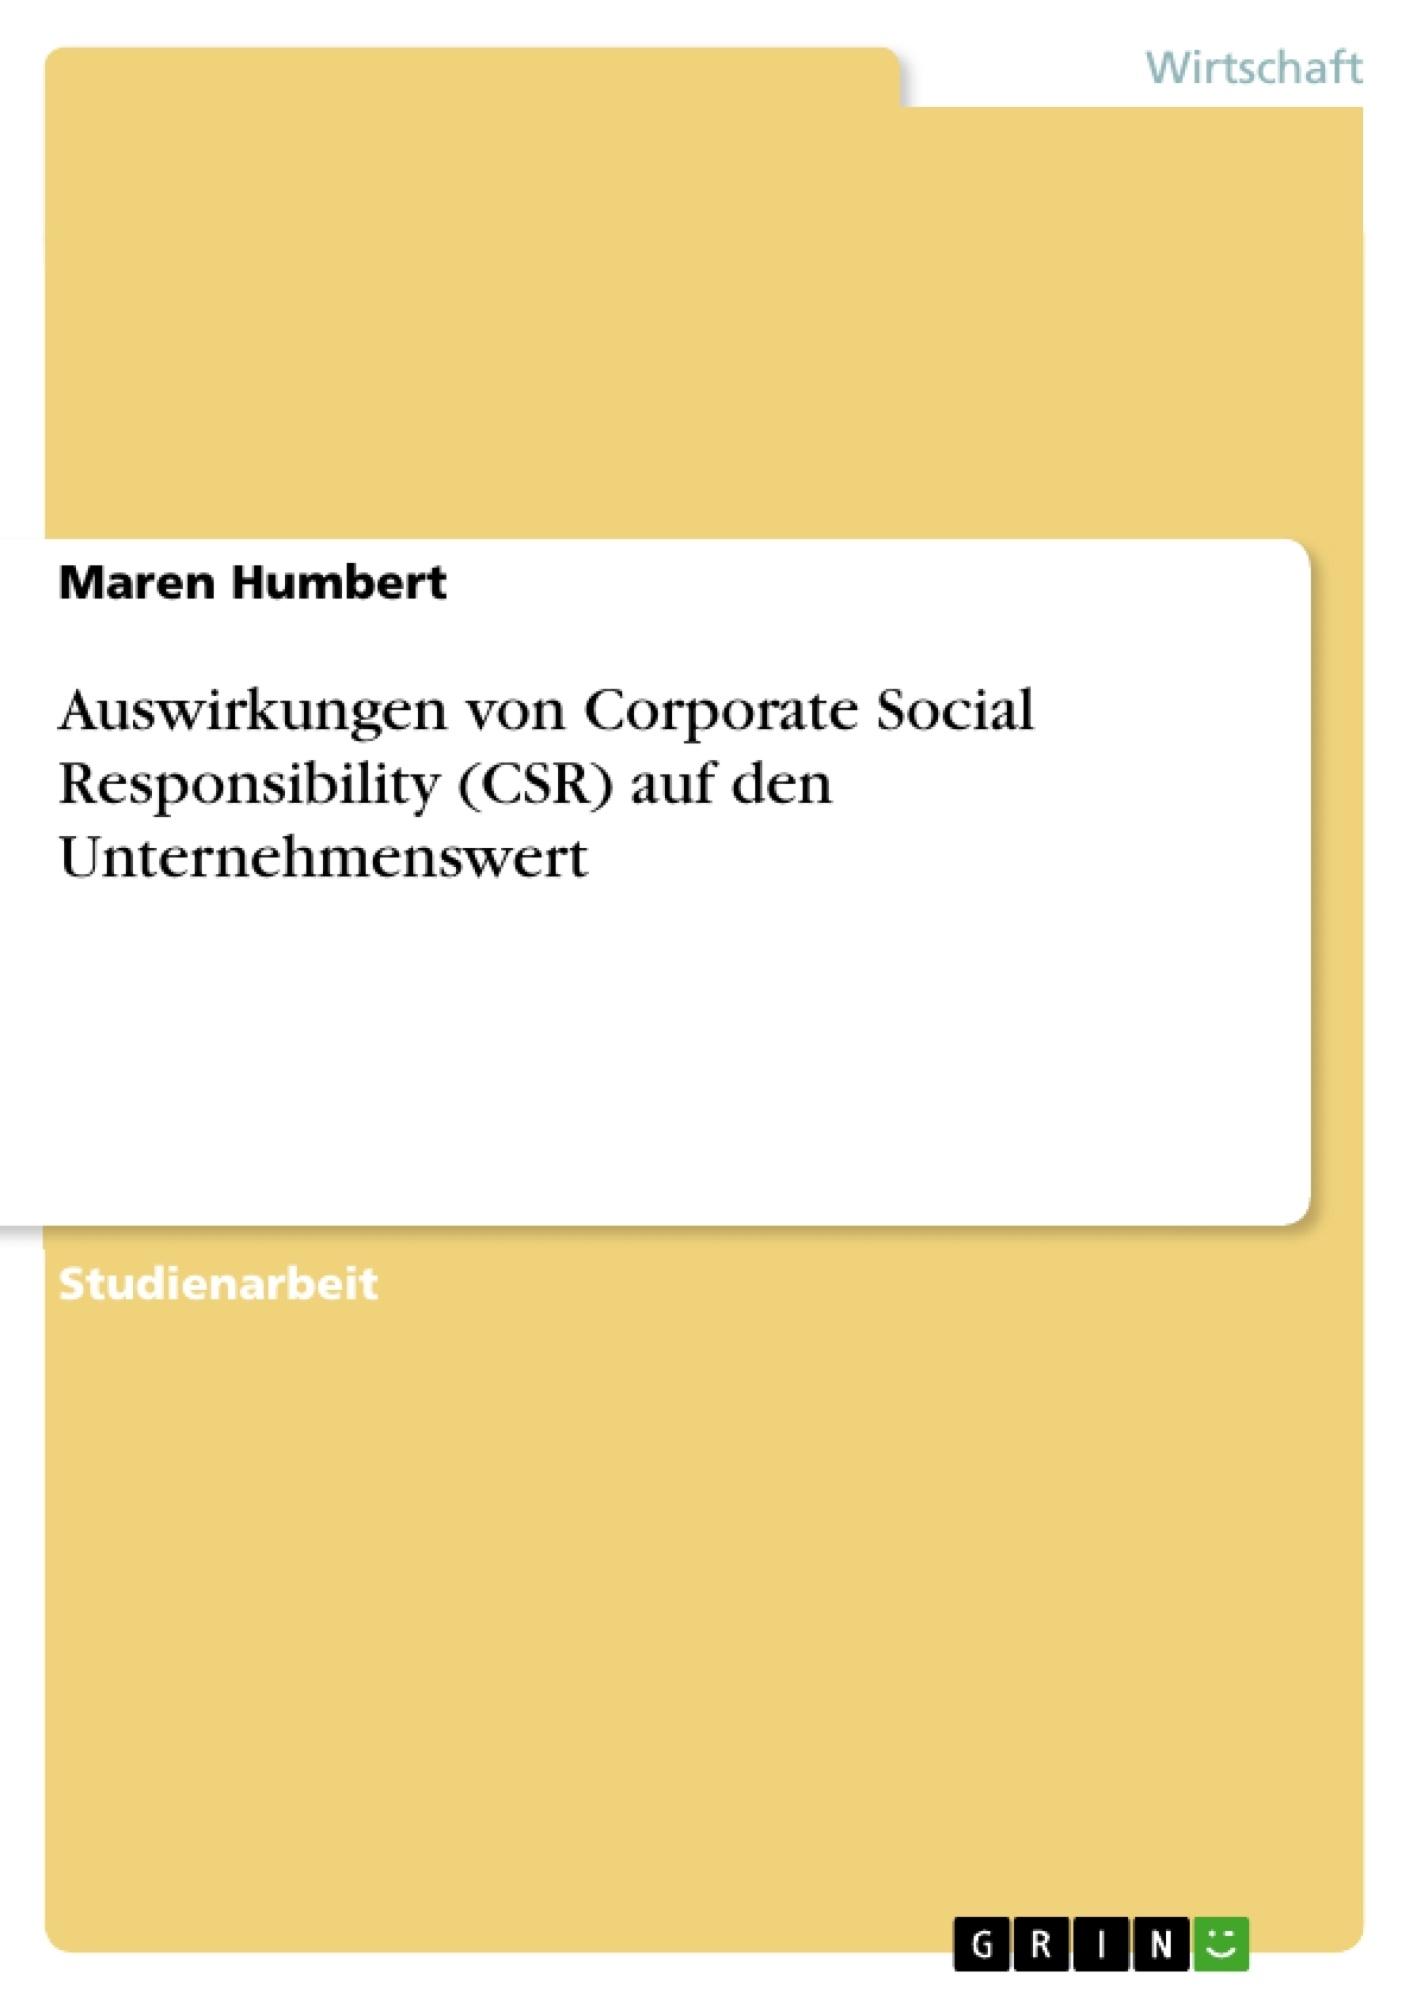 Titel: Auswirkungen von Corporate Social Responsibility (CSR) auf den Unternehmenswert